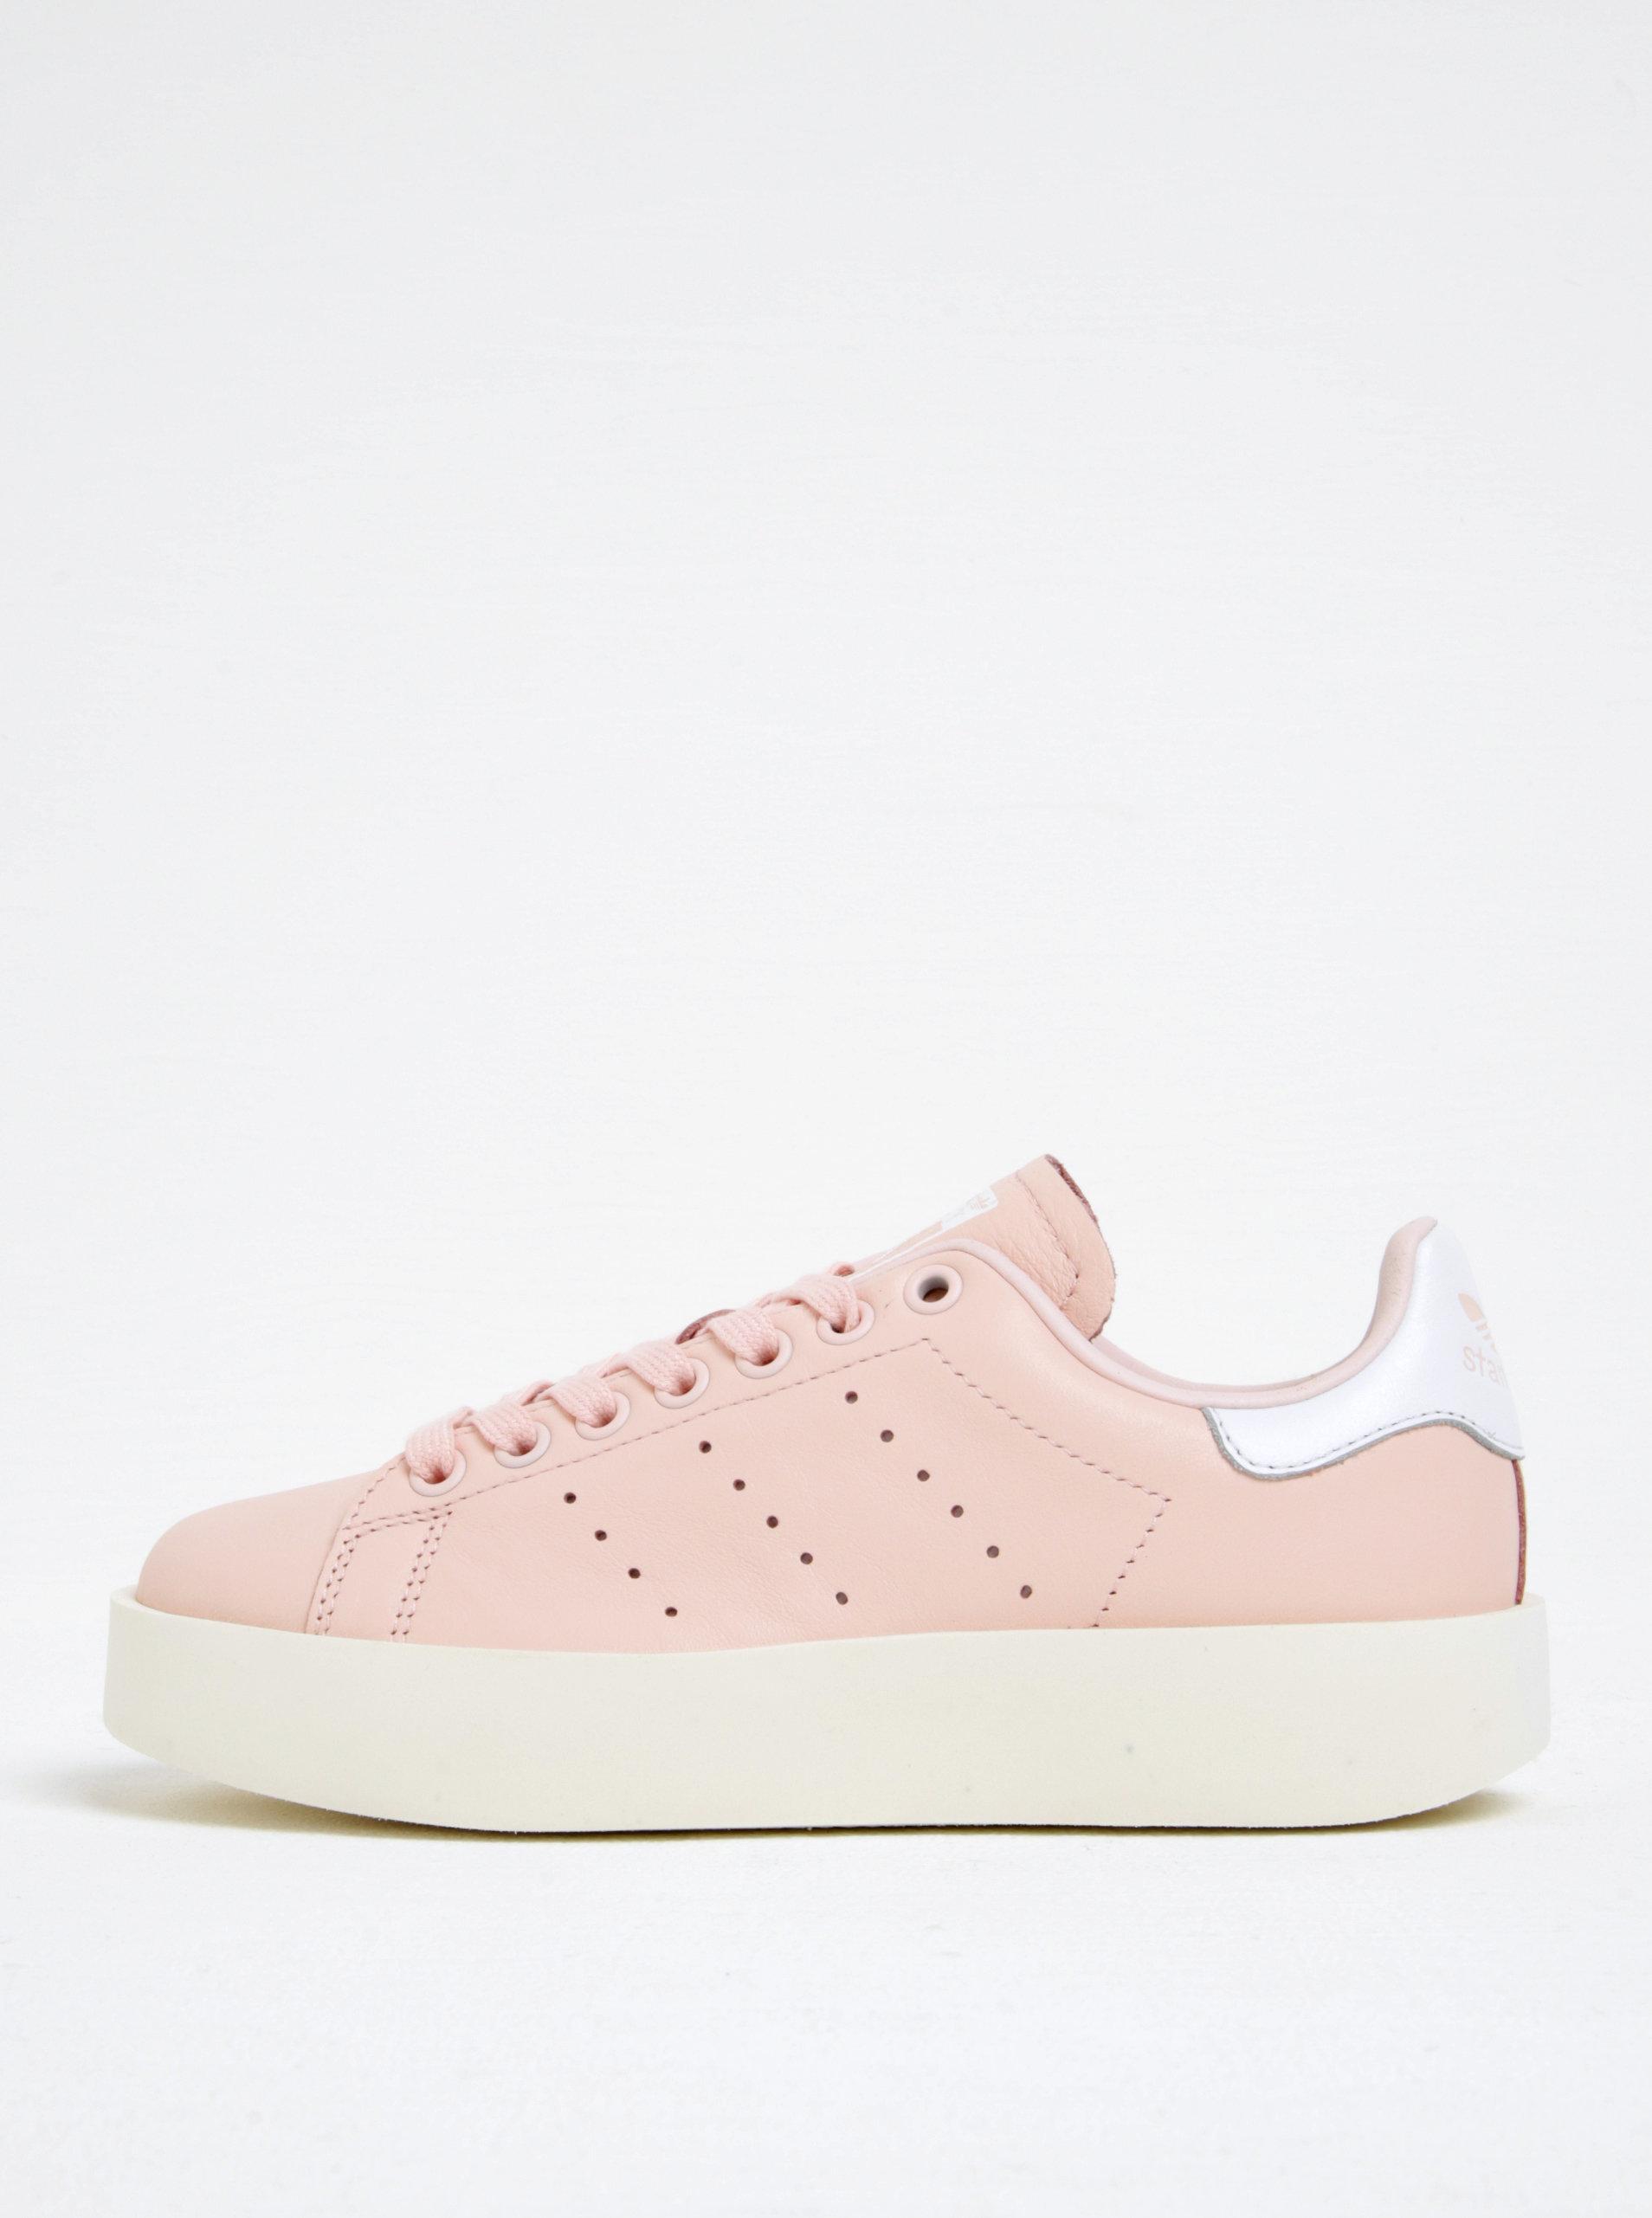 d0303f9dcbaf0 Ružové dámske kožené tenisky na platforme adidas Originals Stan Smith Bold  ...